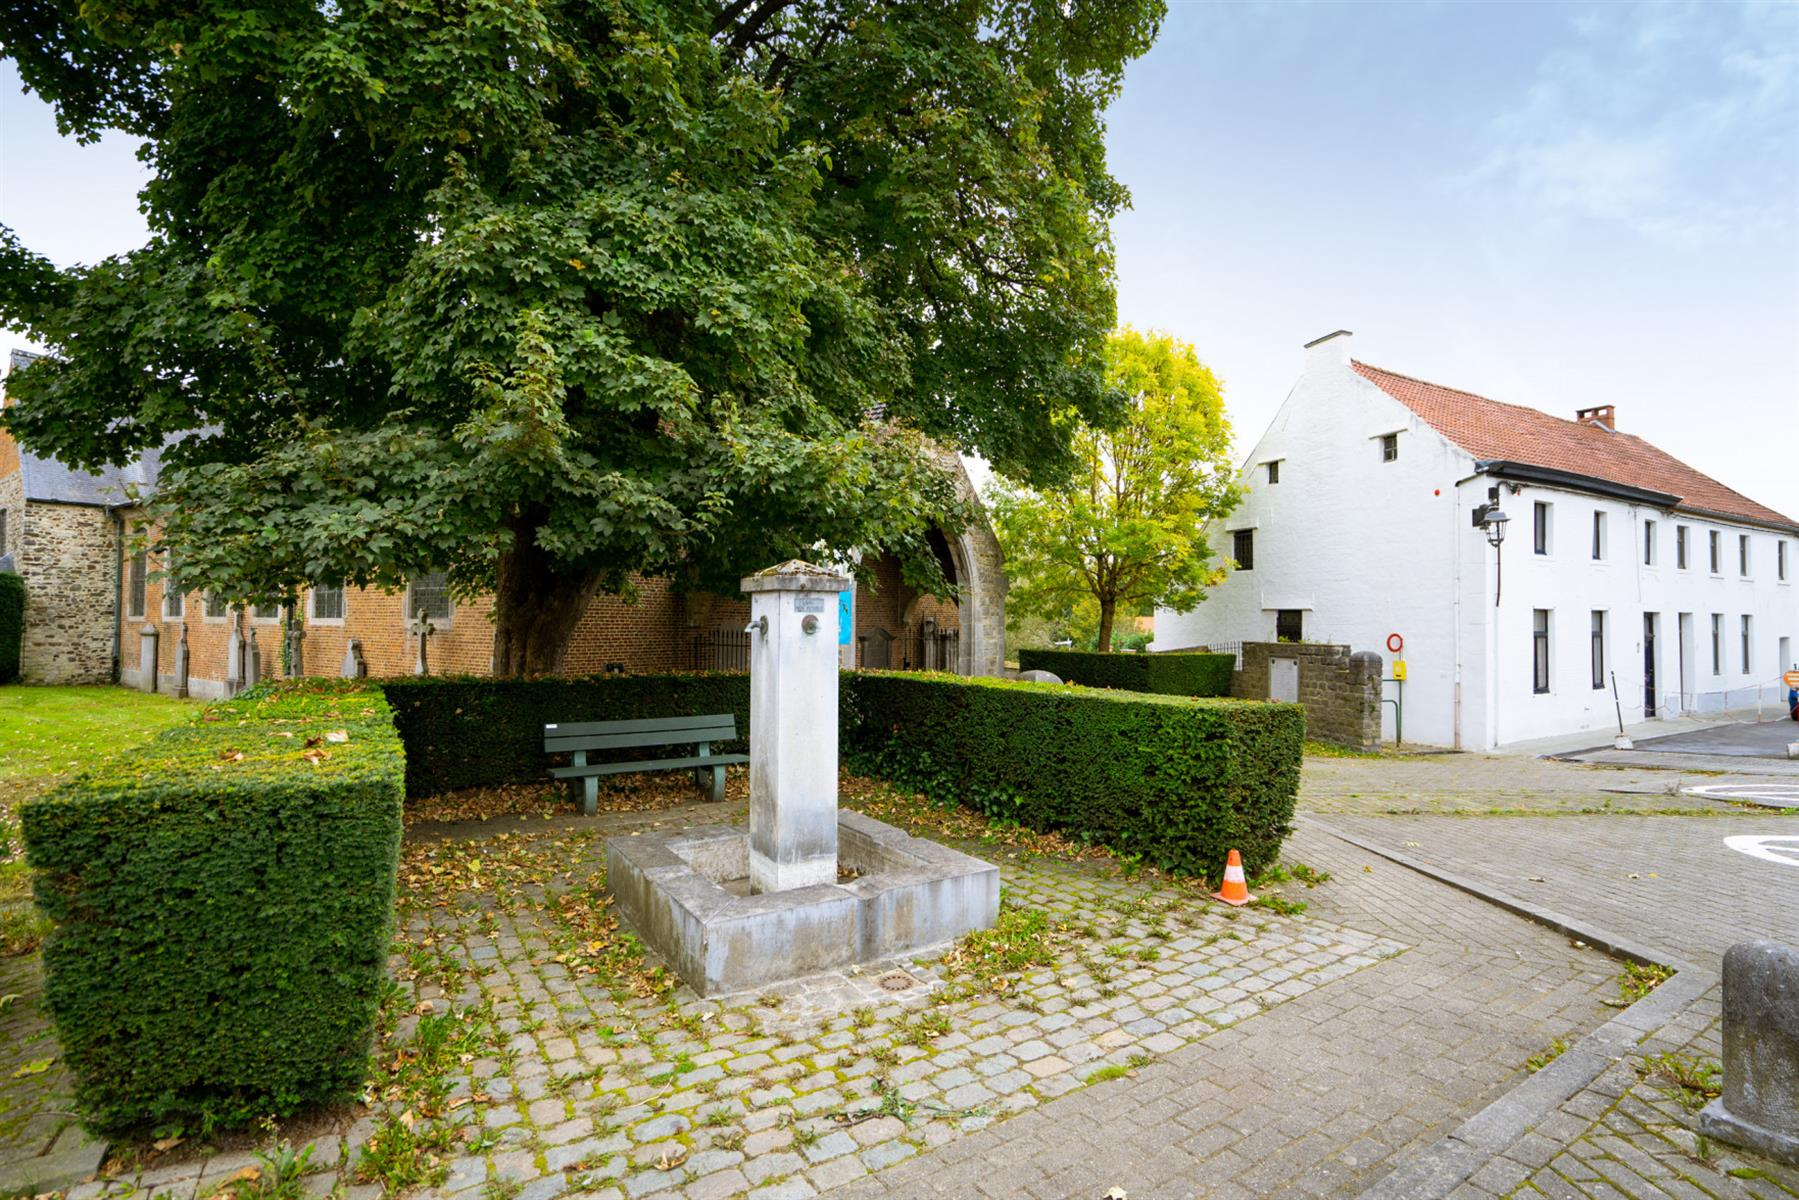 Maison - Ottignies - #4508432-24